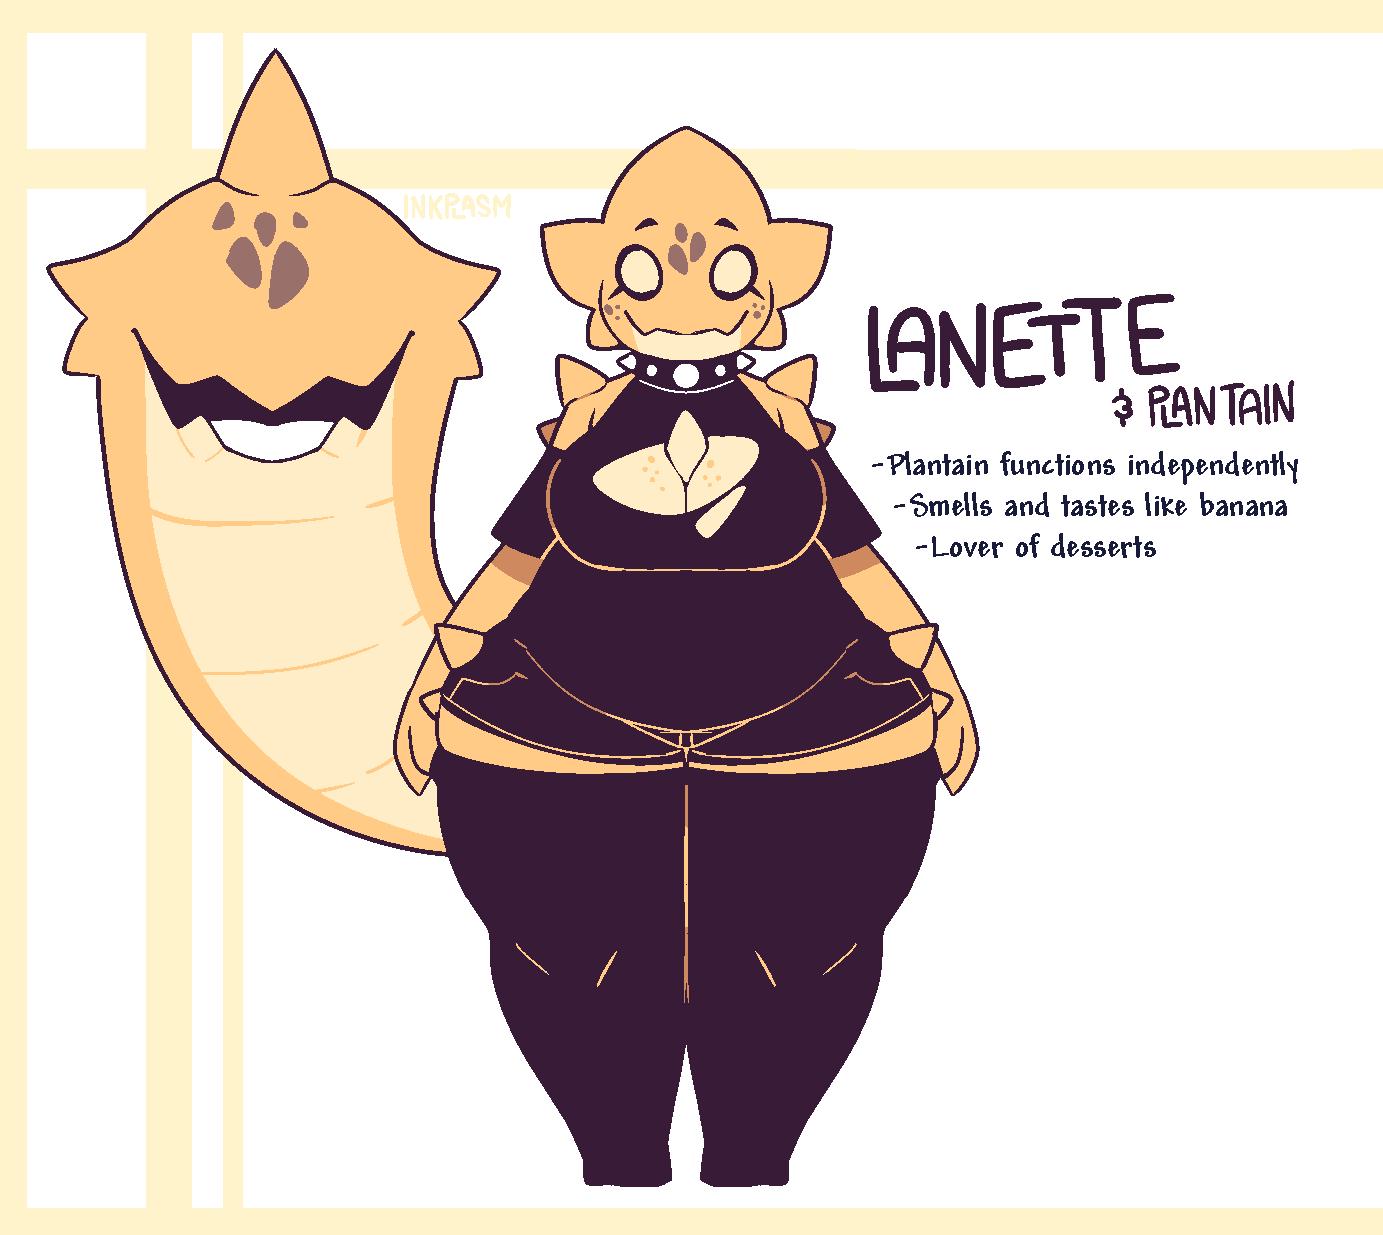 Lanette